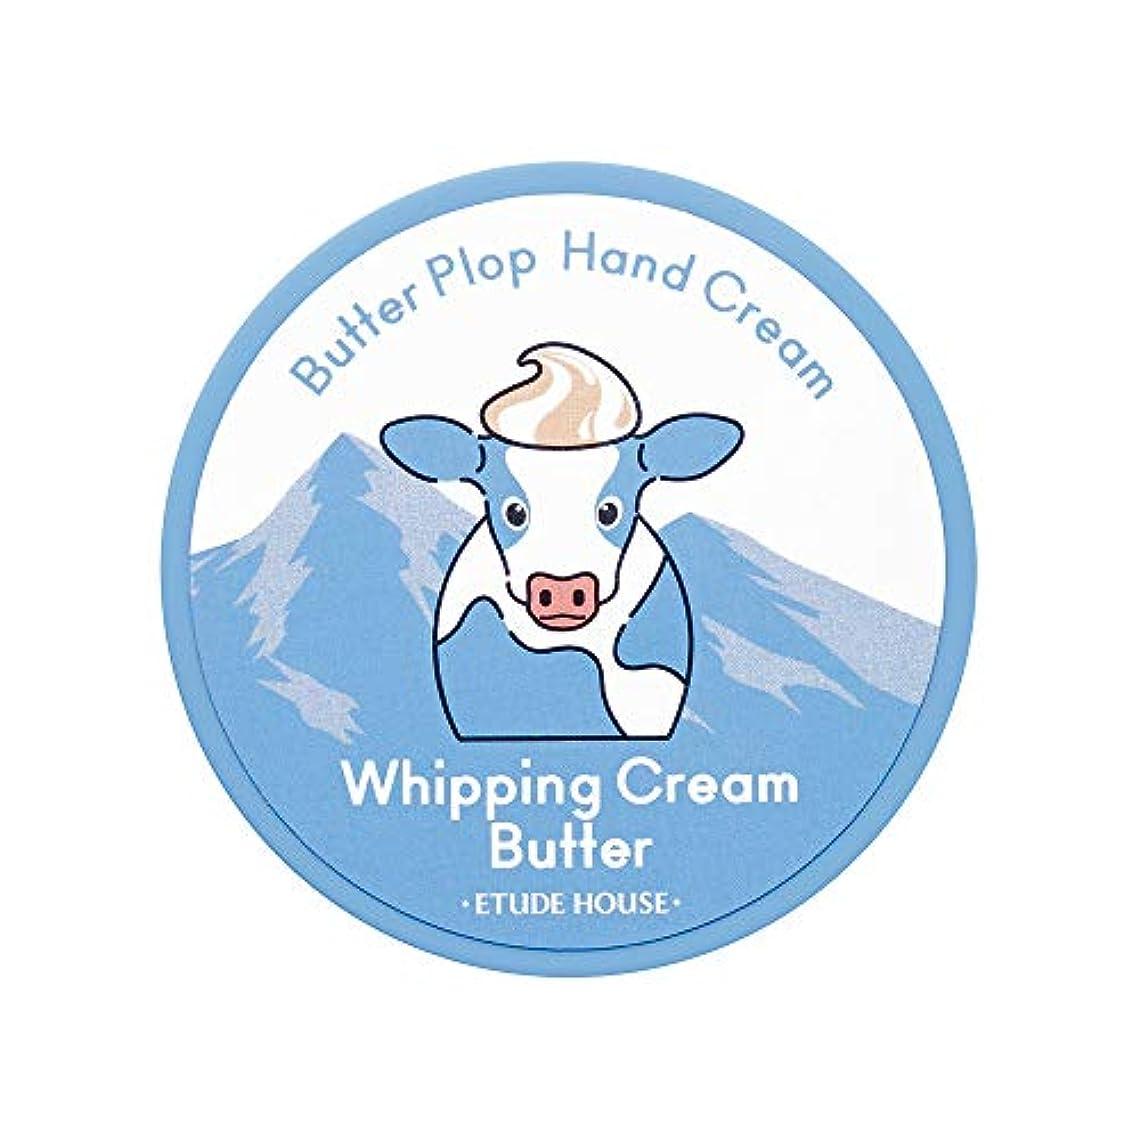 解凍する、雪解け、霜解けビール収縮エチュードハウス(ETUDE HOUSE) バターハンドクリーム #2[手荒れ 保湿 バターハンドクリーム]